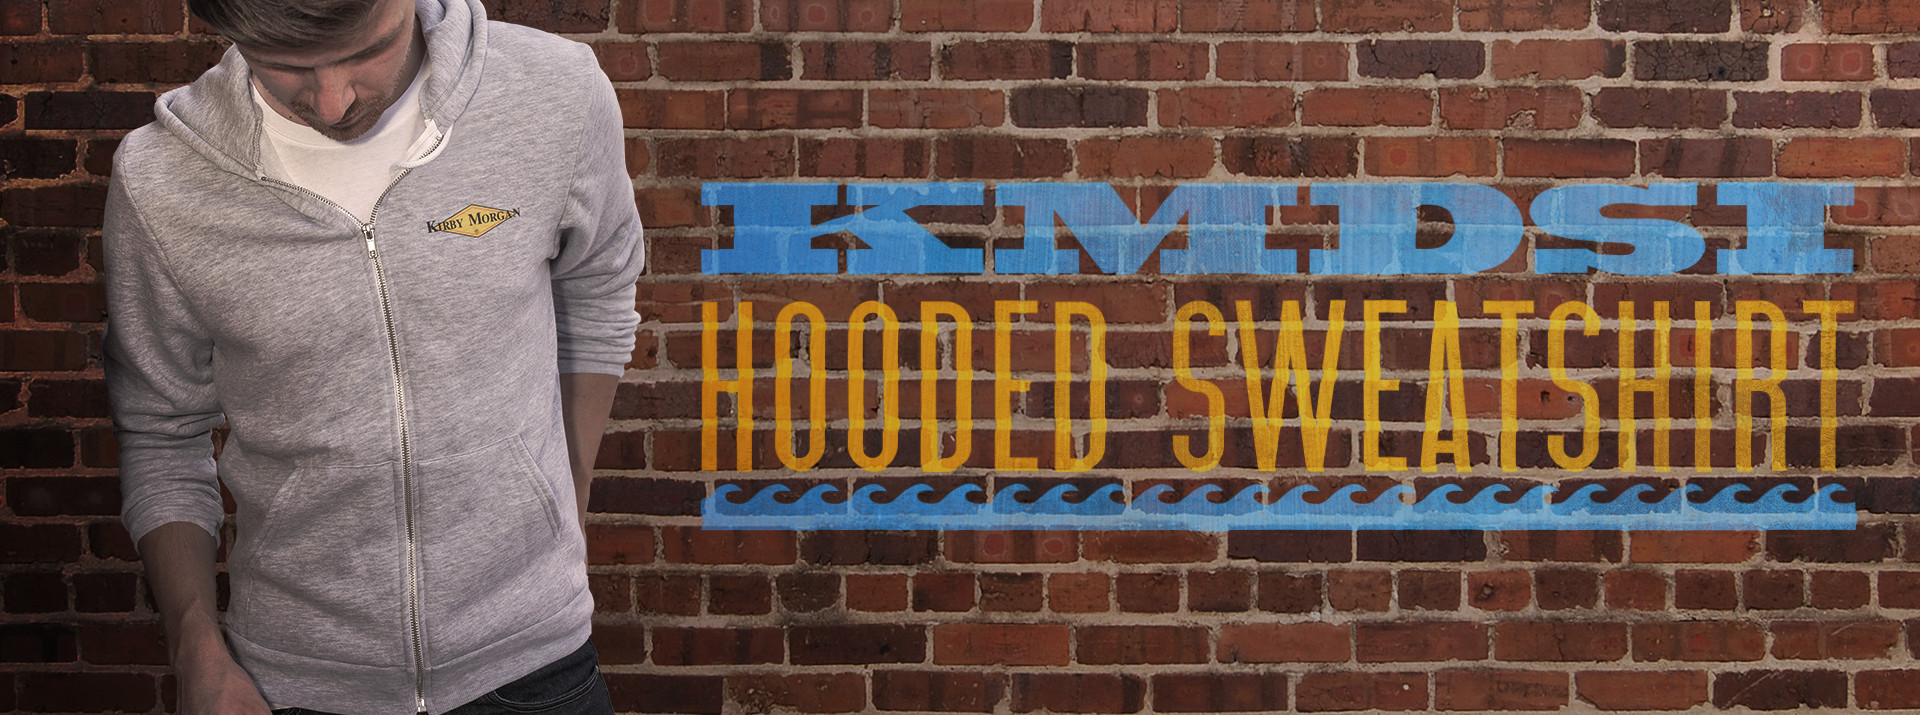 KMDSI Hooded Sweatshirt